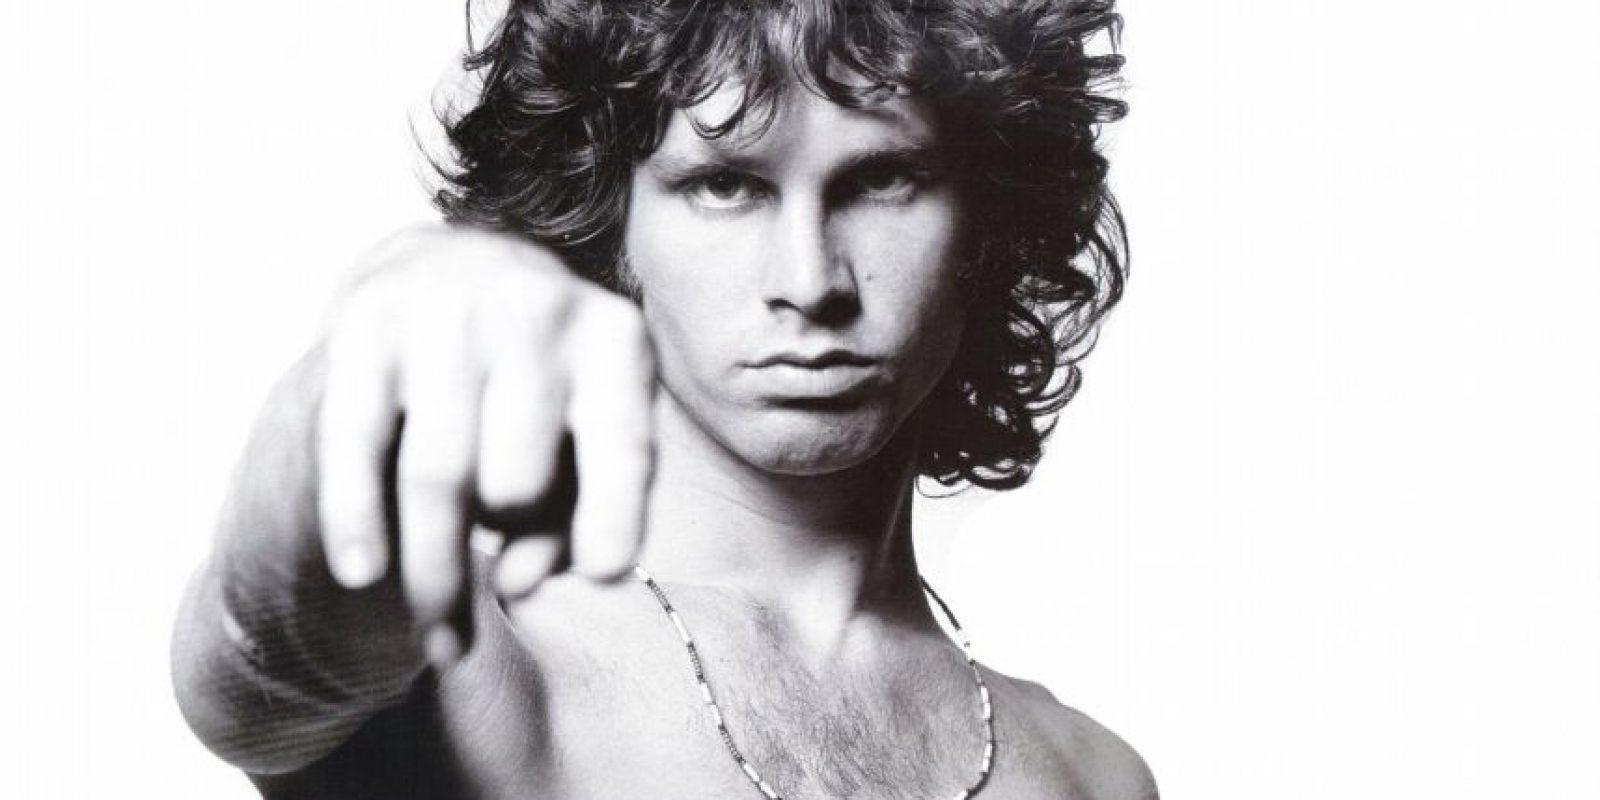 Vocalista de la banda de rock psicodélico The Doors. Se dice que murió por Insuficiencia cardíaca, pero las circunstancias exactas no han sido aclaradas. Foto:Agencias